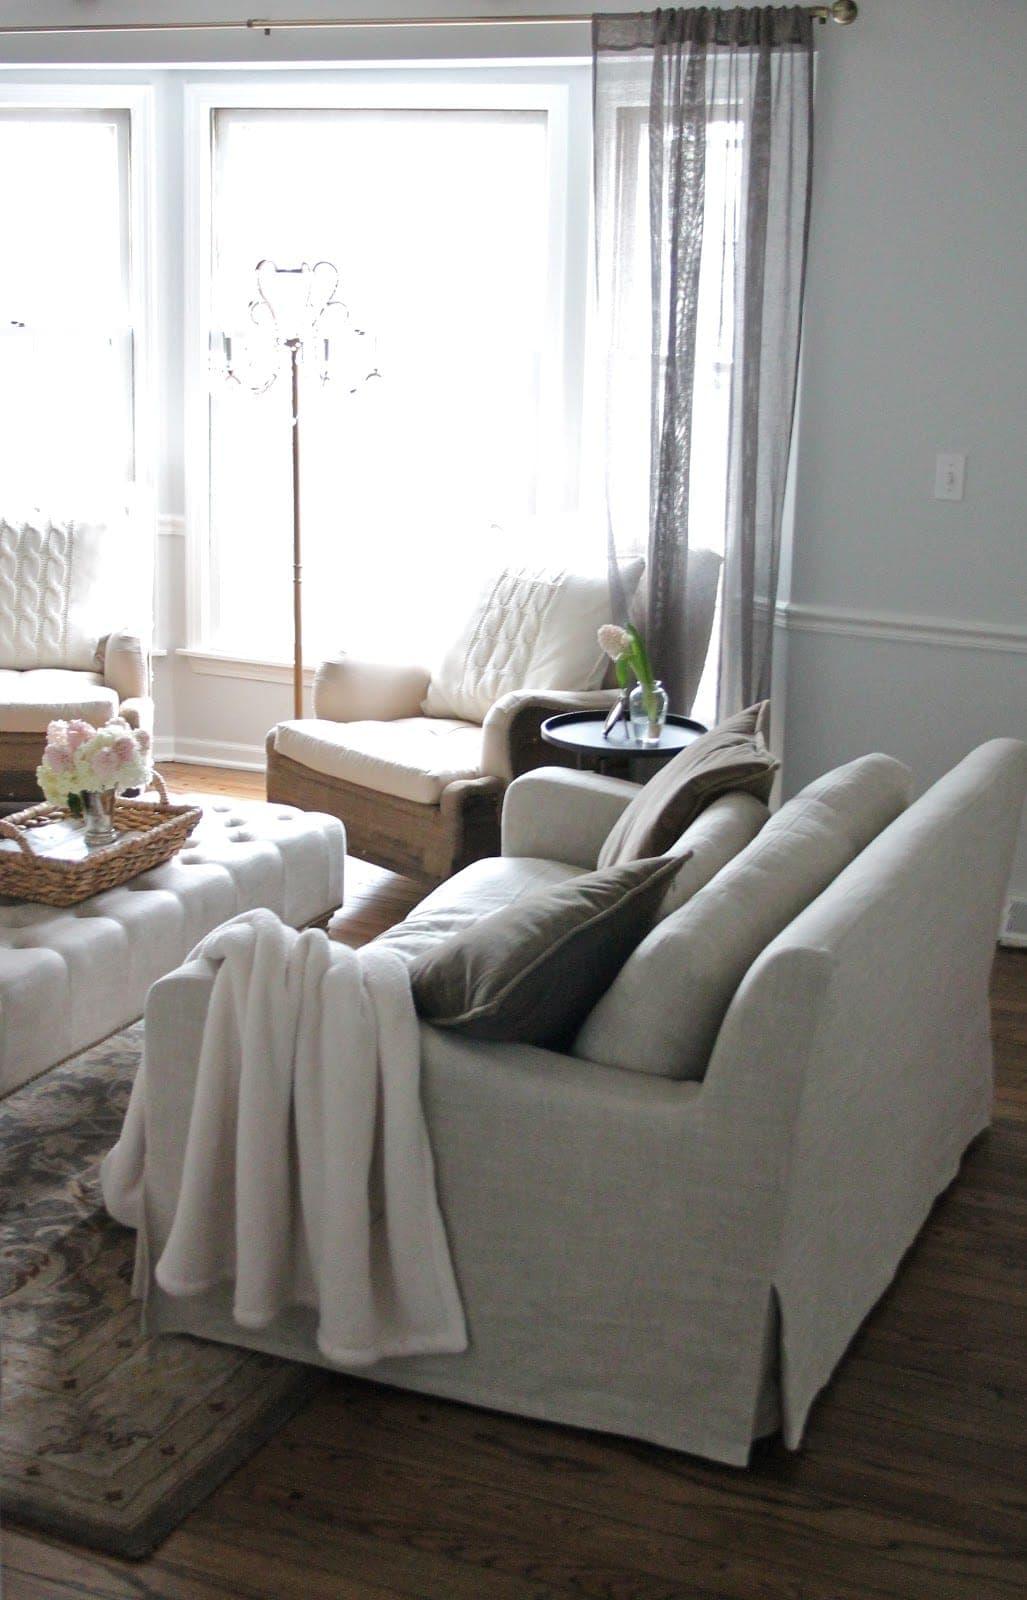 Restoration Hardware Knock Off: Our Living Room